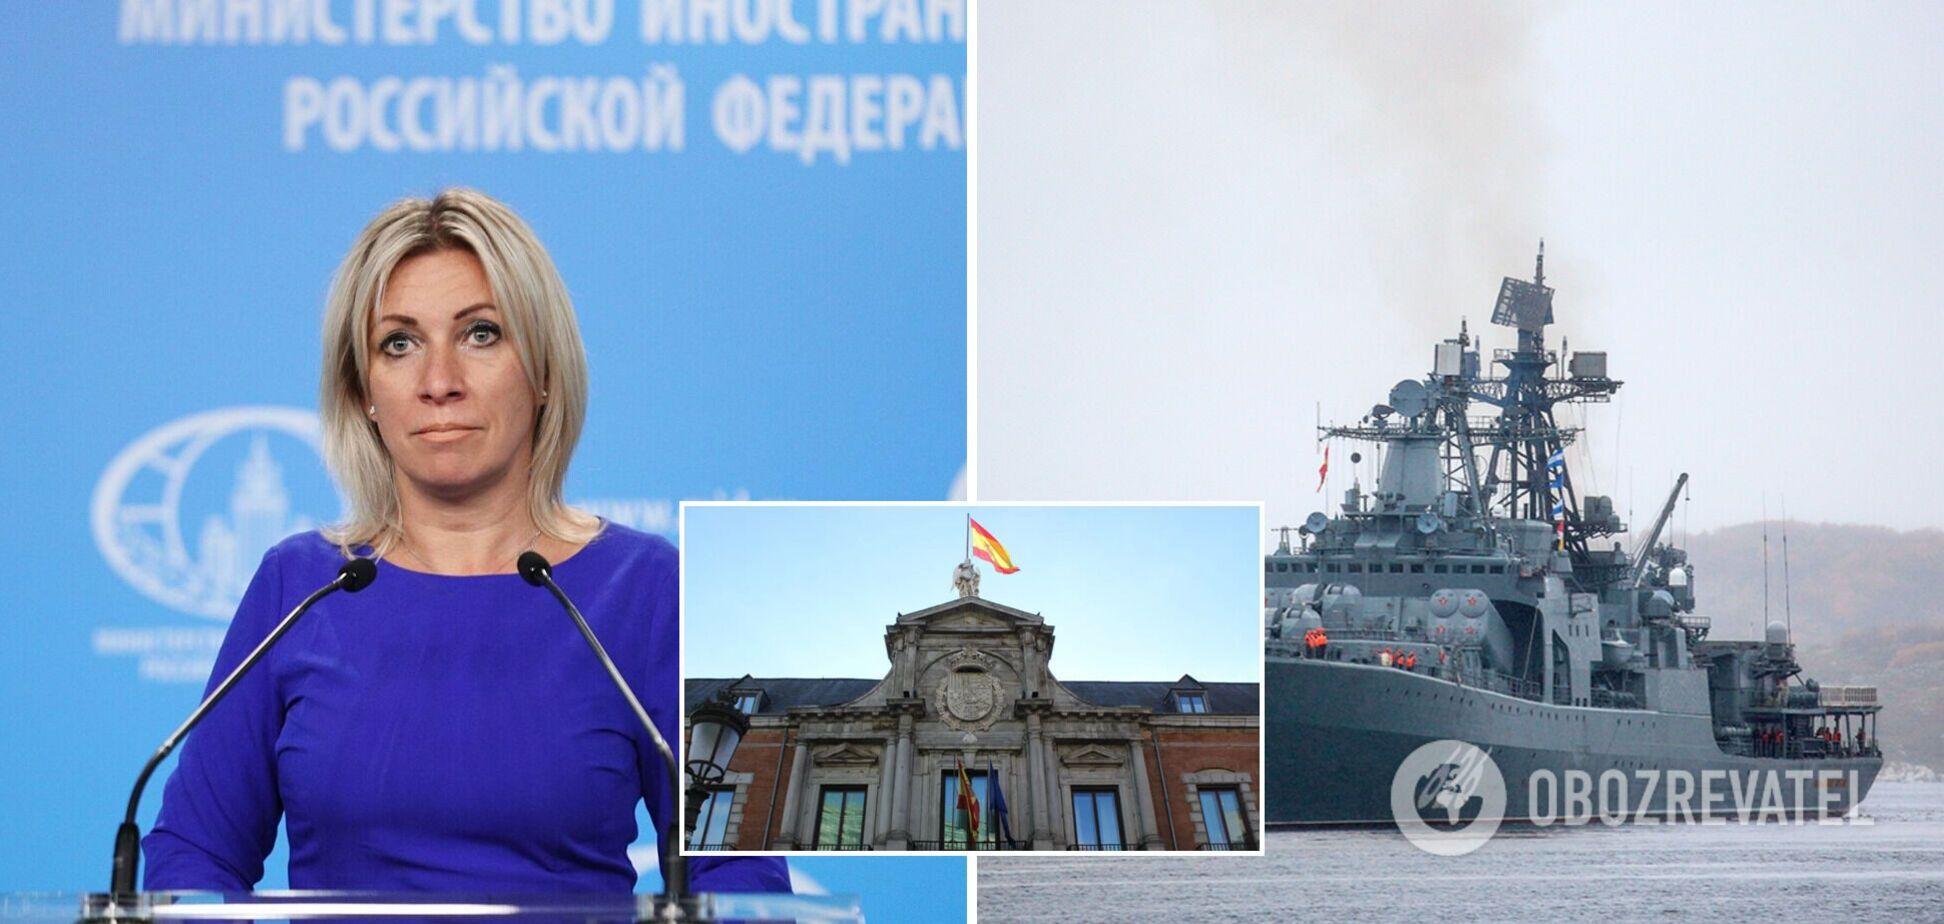 Захарова прокоментировала отказ Испании пустить в порт российские корабли